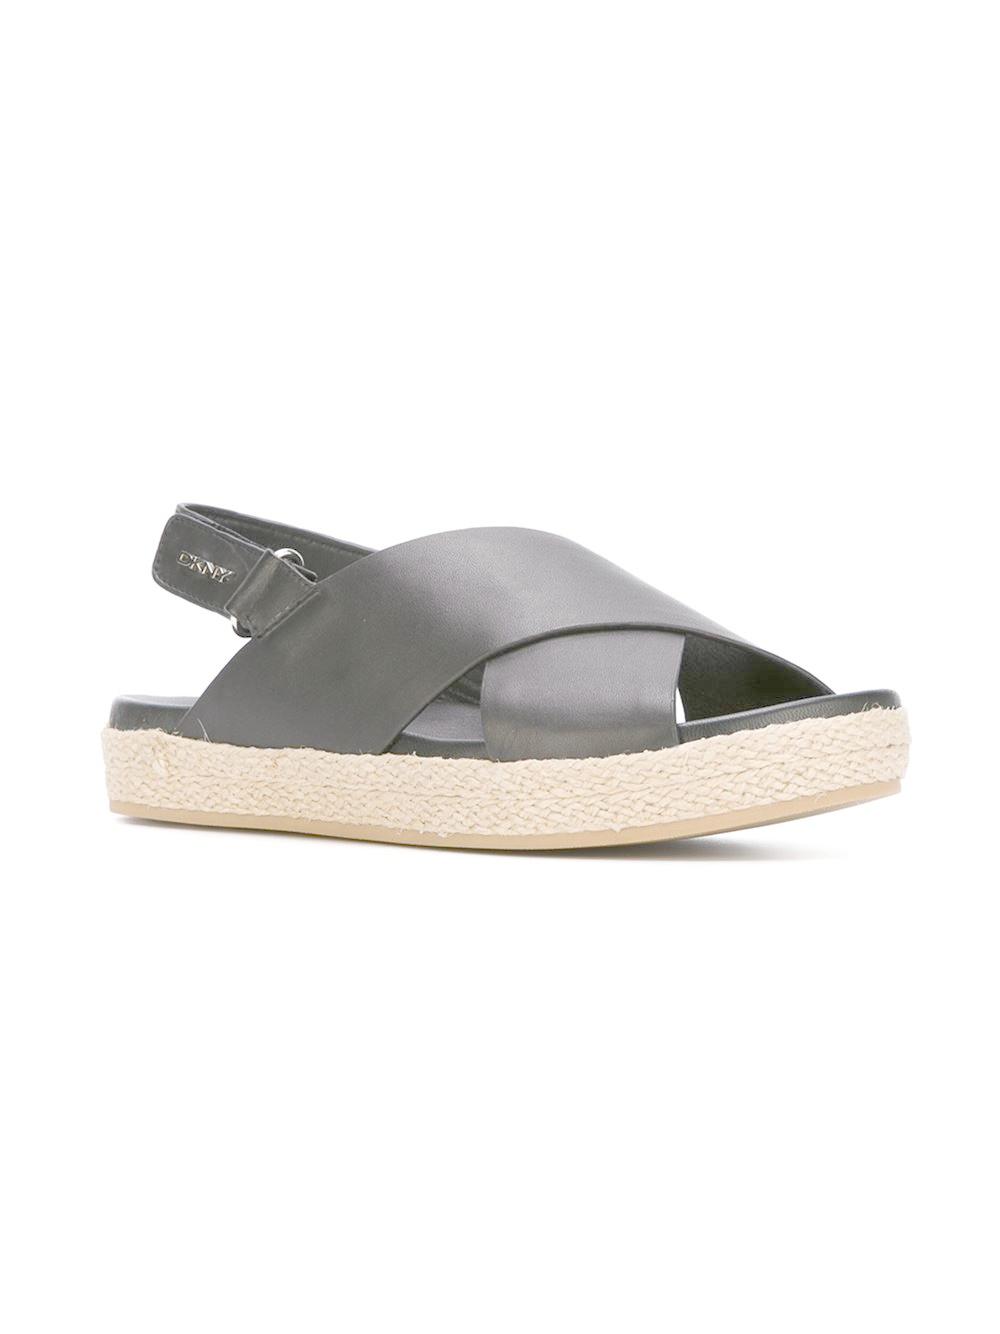 dkny sandals 28 images dkny black sandal flip flops